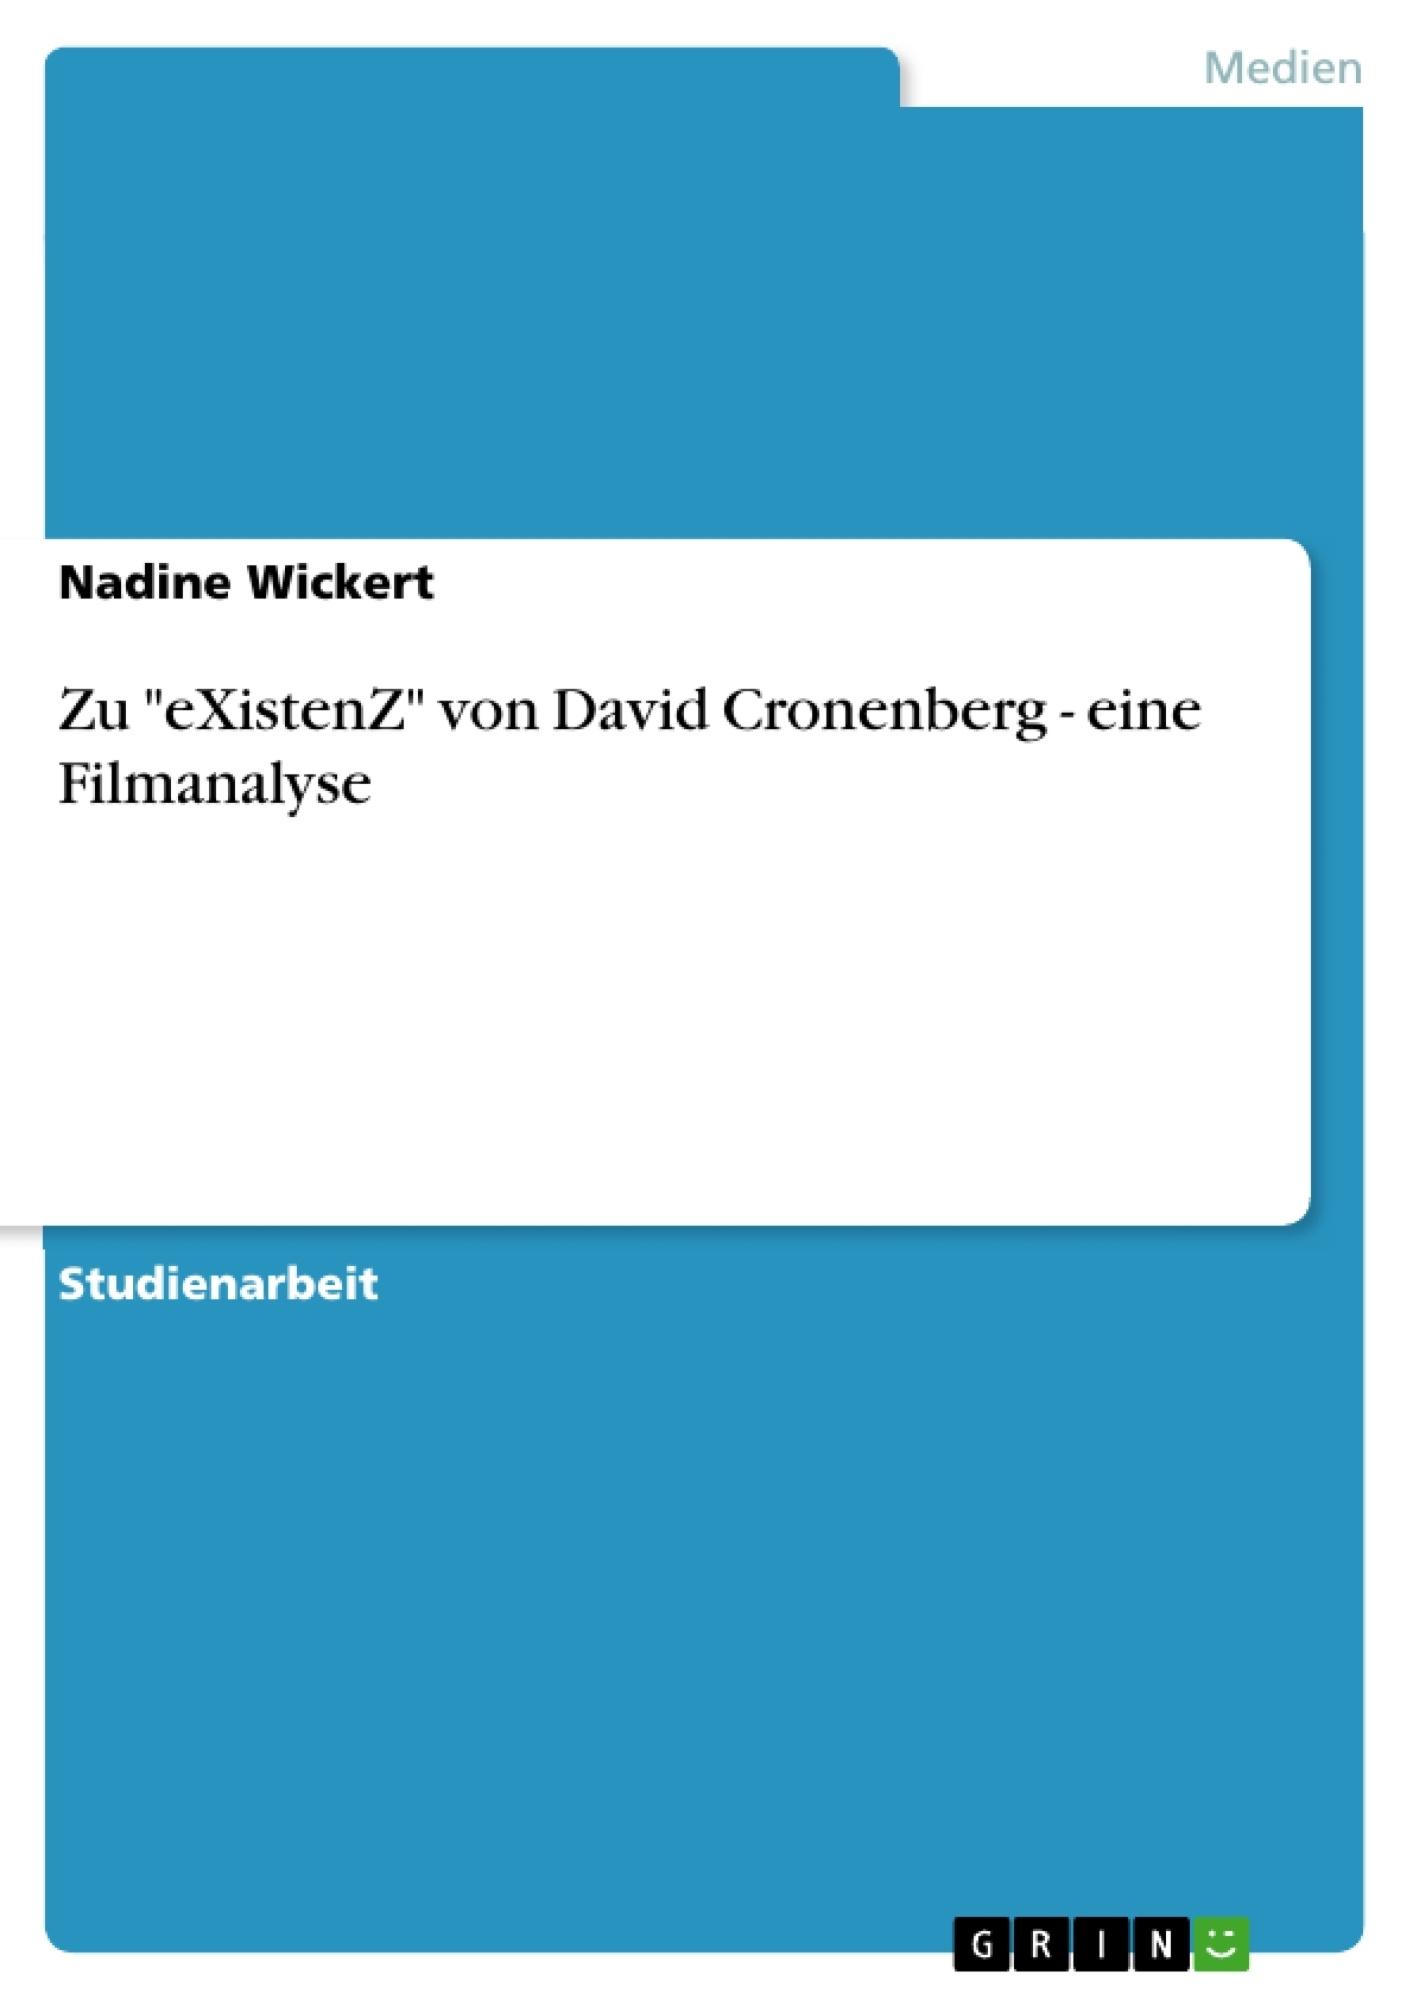 """Titel: Zu """"eXistenZ""""  von David Cronenberg - eine Filmanalyse"""